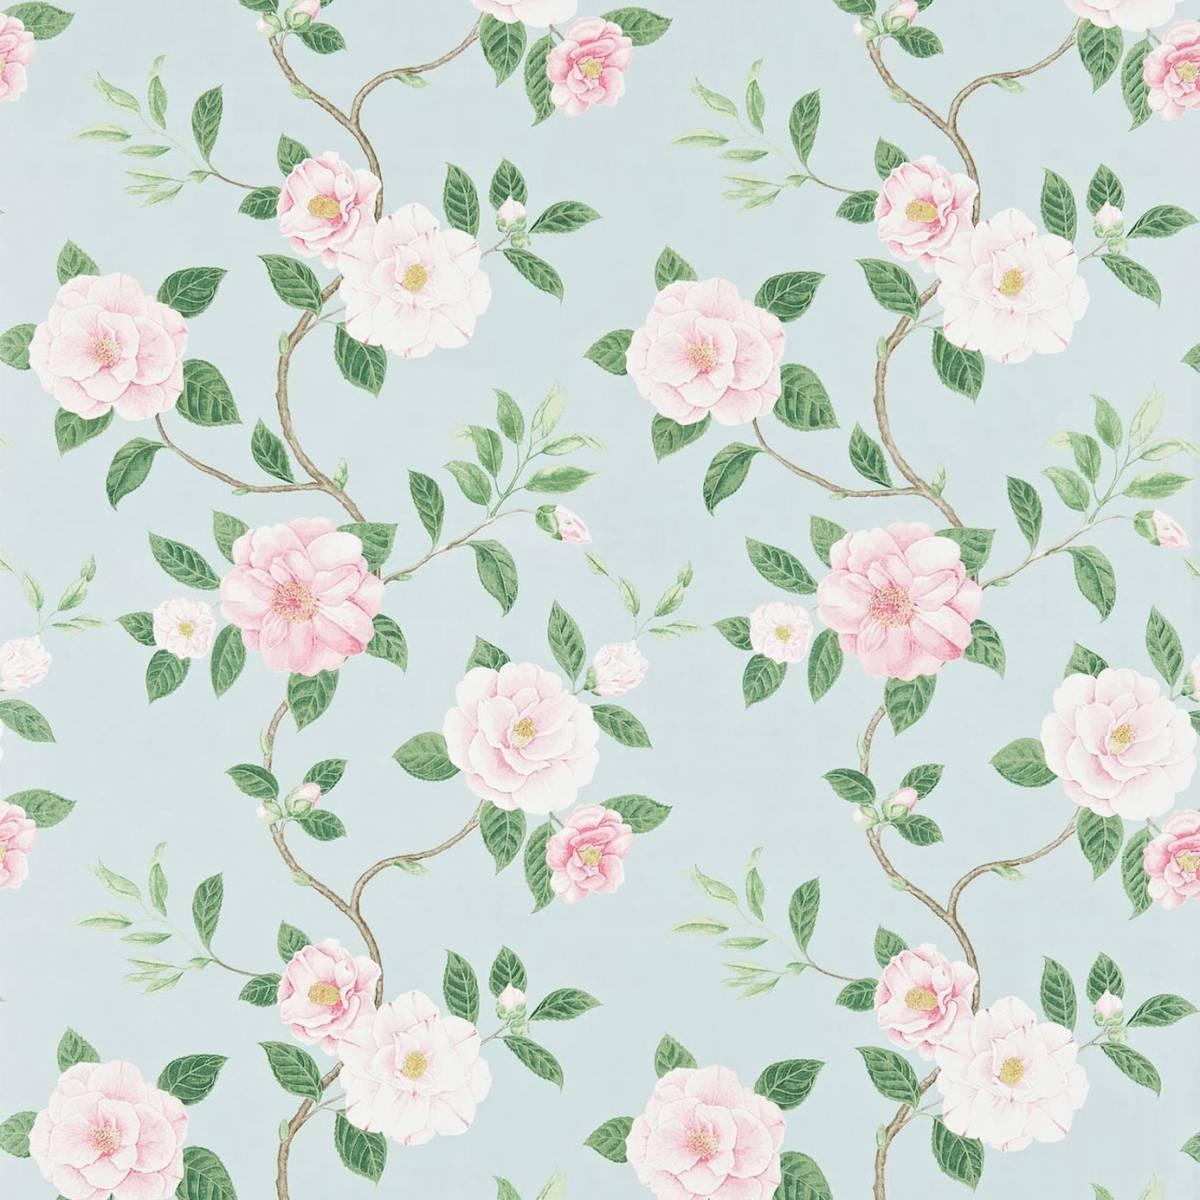 christabel fabric pink sky 223290 sanderson voyage. Black Bedroom Furniture Sets. Home Design Ideas